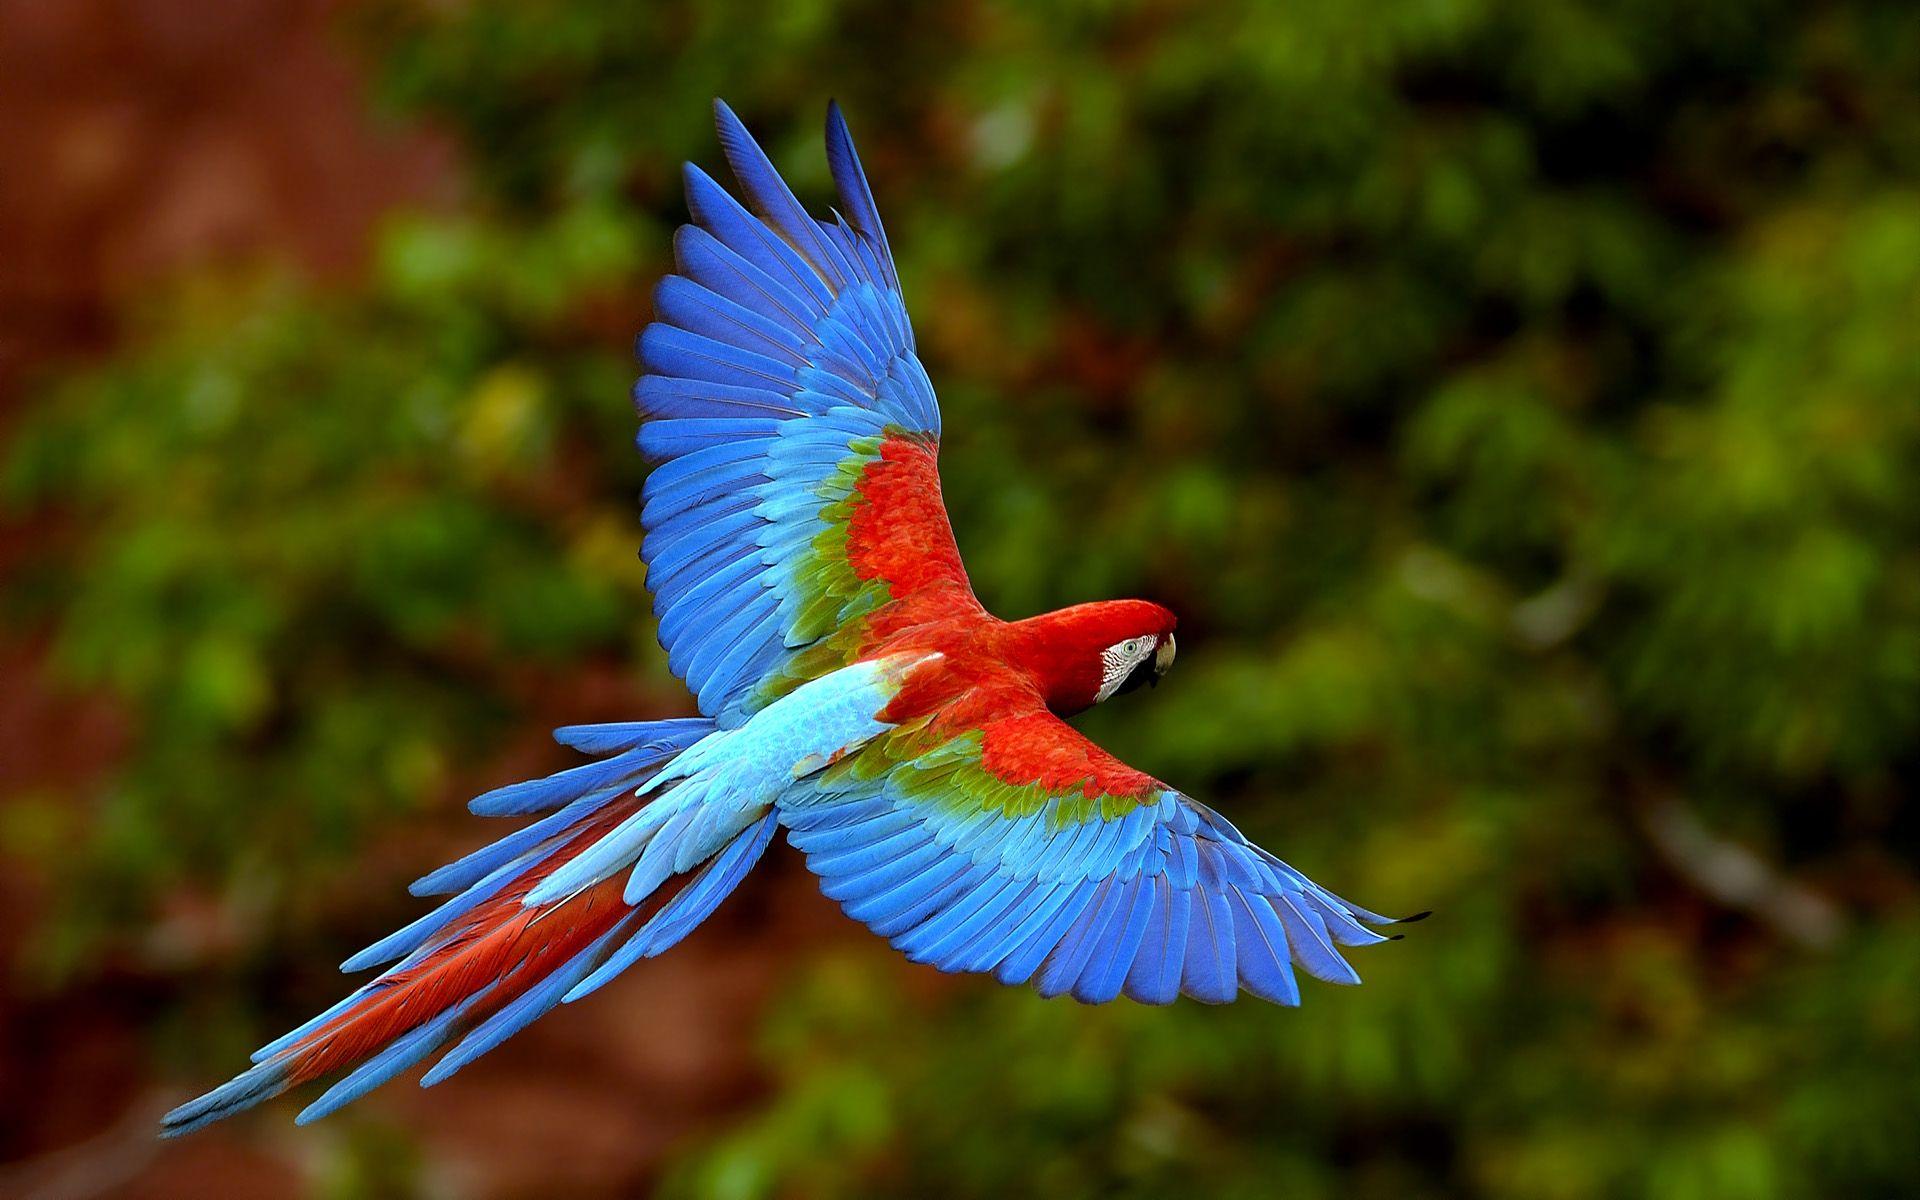 Pete Oxford - Arara Vermelha em vôo no Mato Grosso do Sul, Brasil (Red Macaw in flight at Mato Grosso do Sul, Brazil)